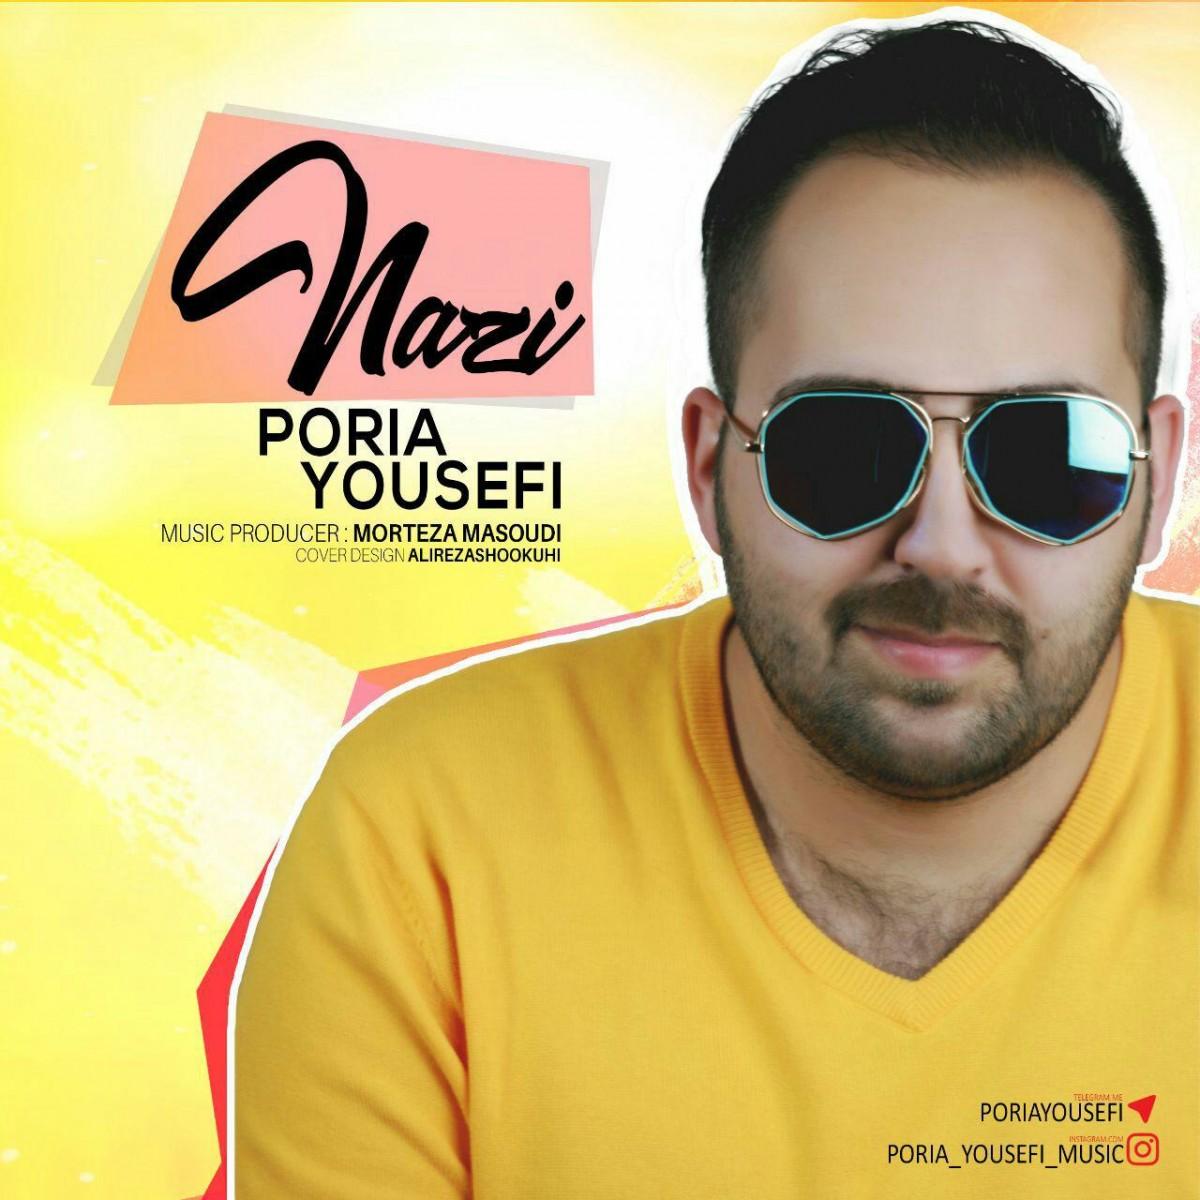 نامبر وان موزیک | دانلود آهنگ جدید Poria-Yousefi-Nazi